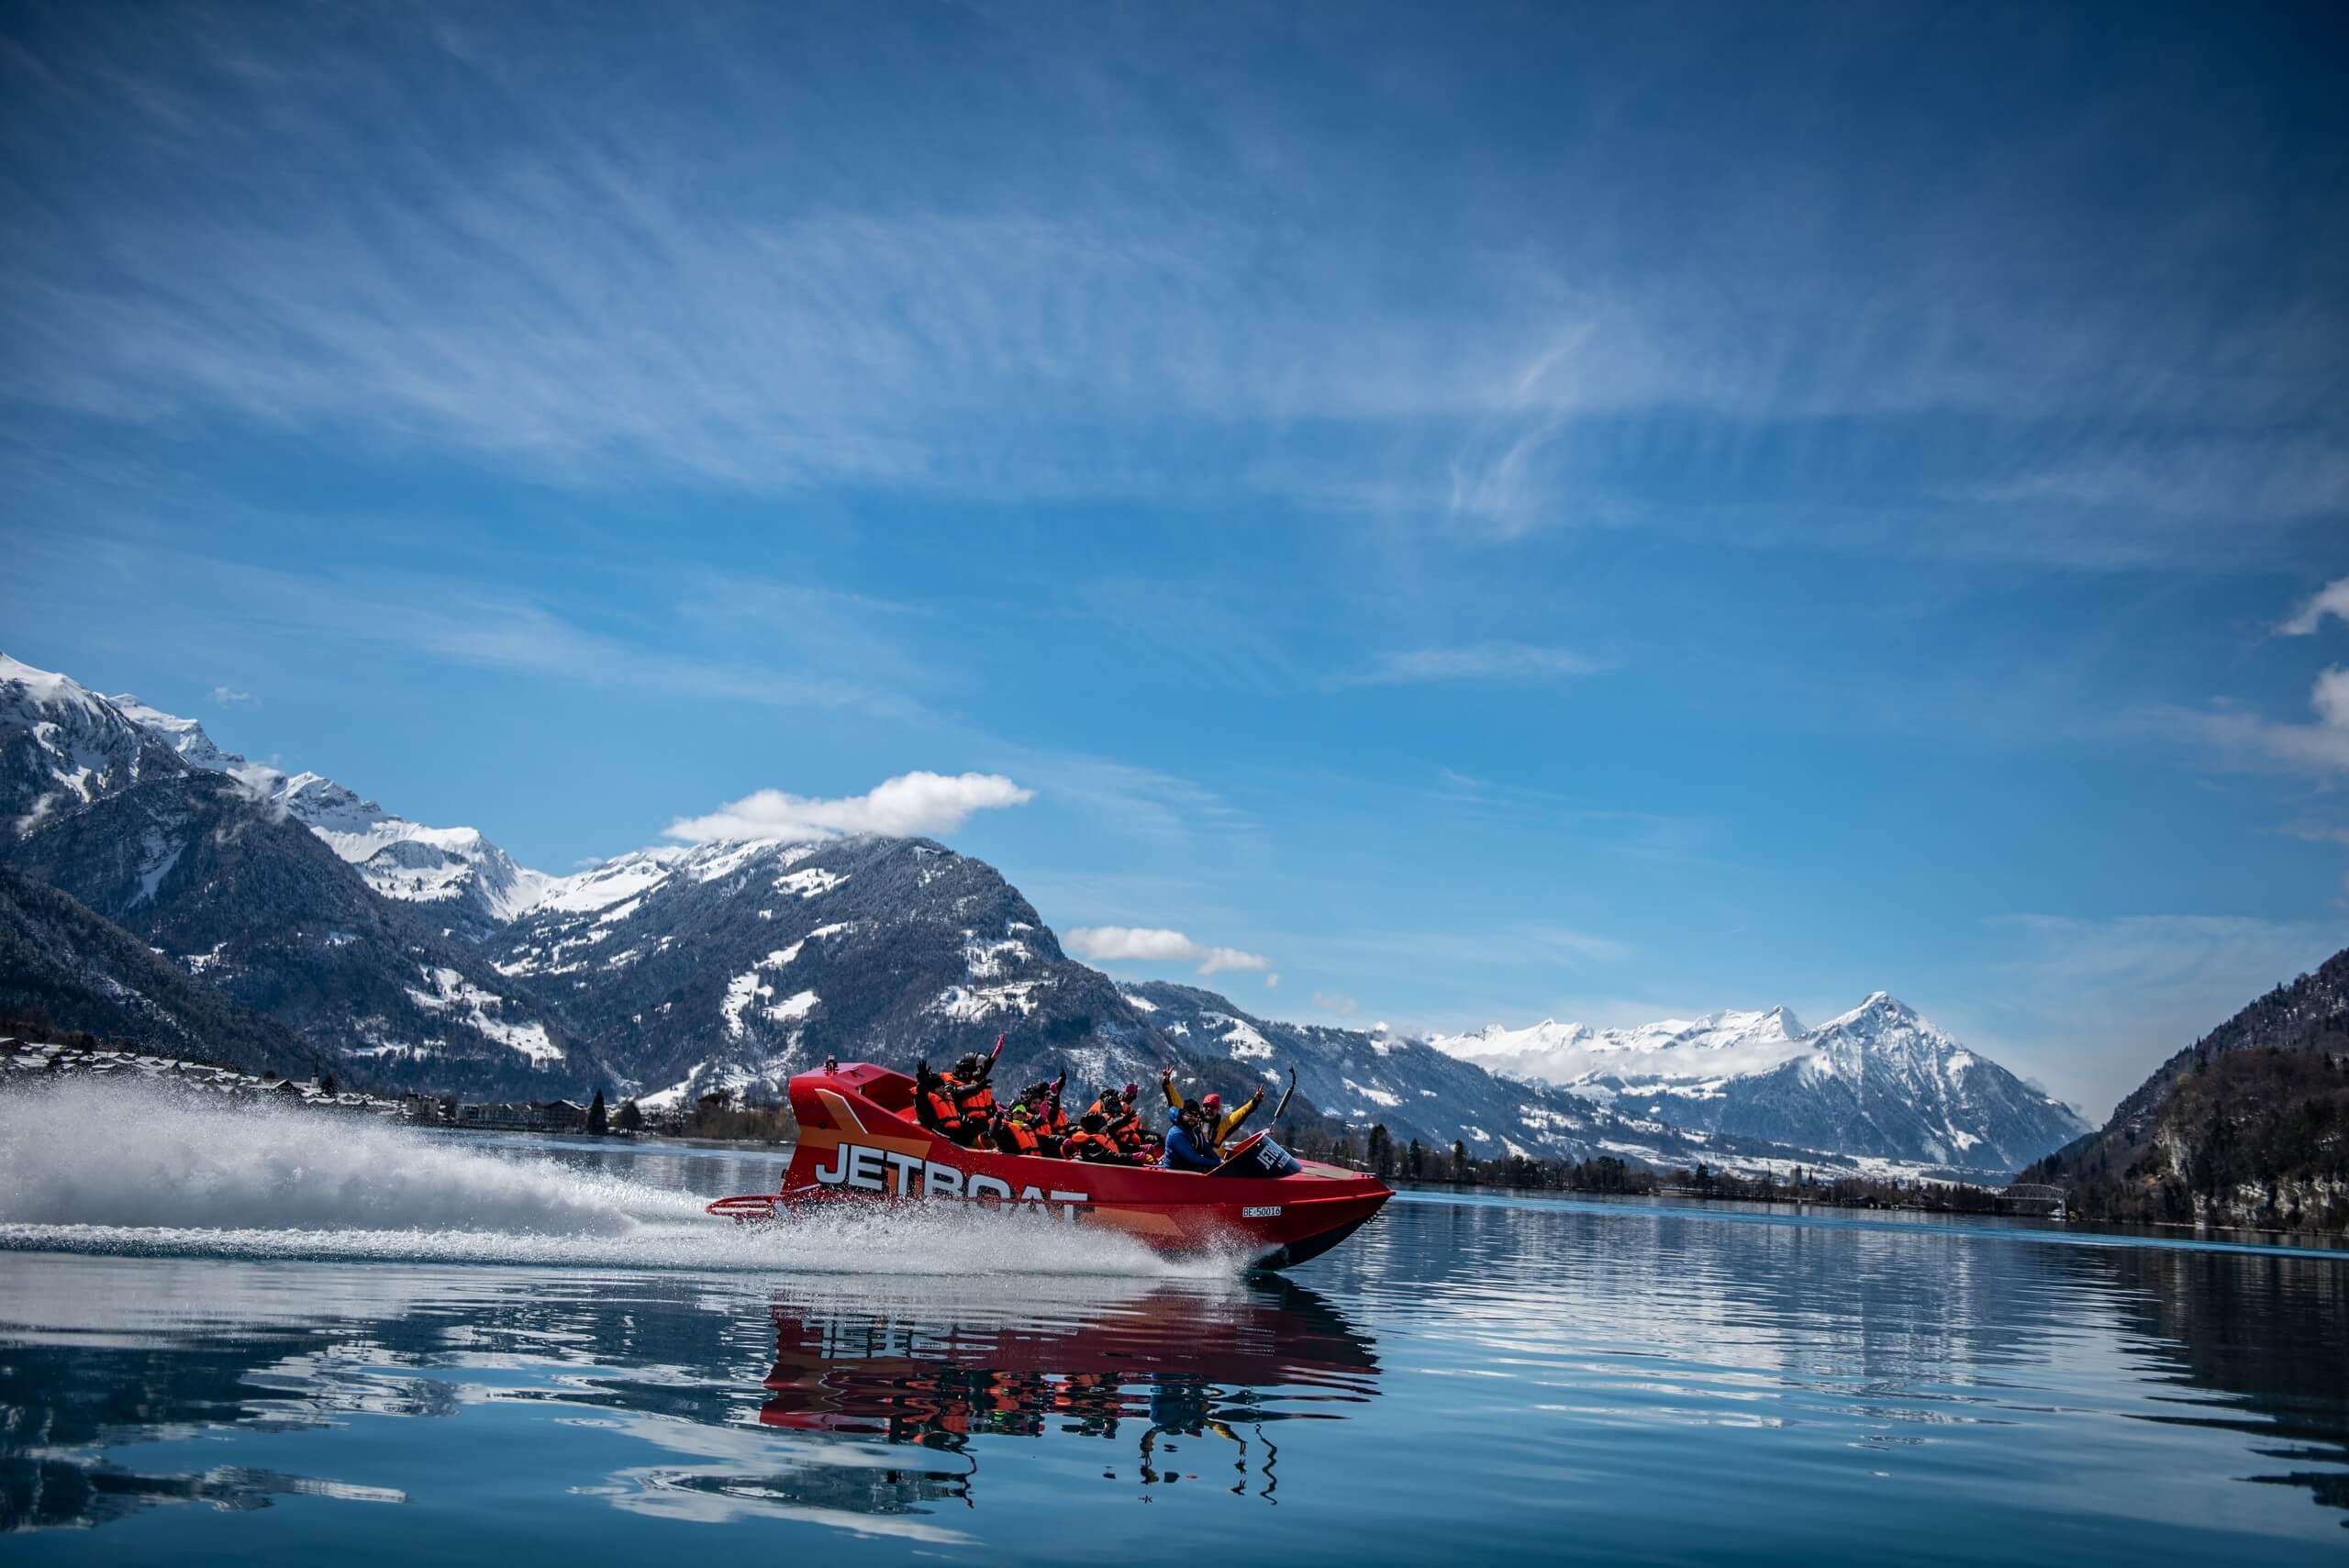 jetboat-winter-brienzersee-niesen-schnee.jpg